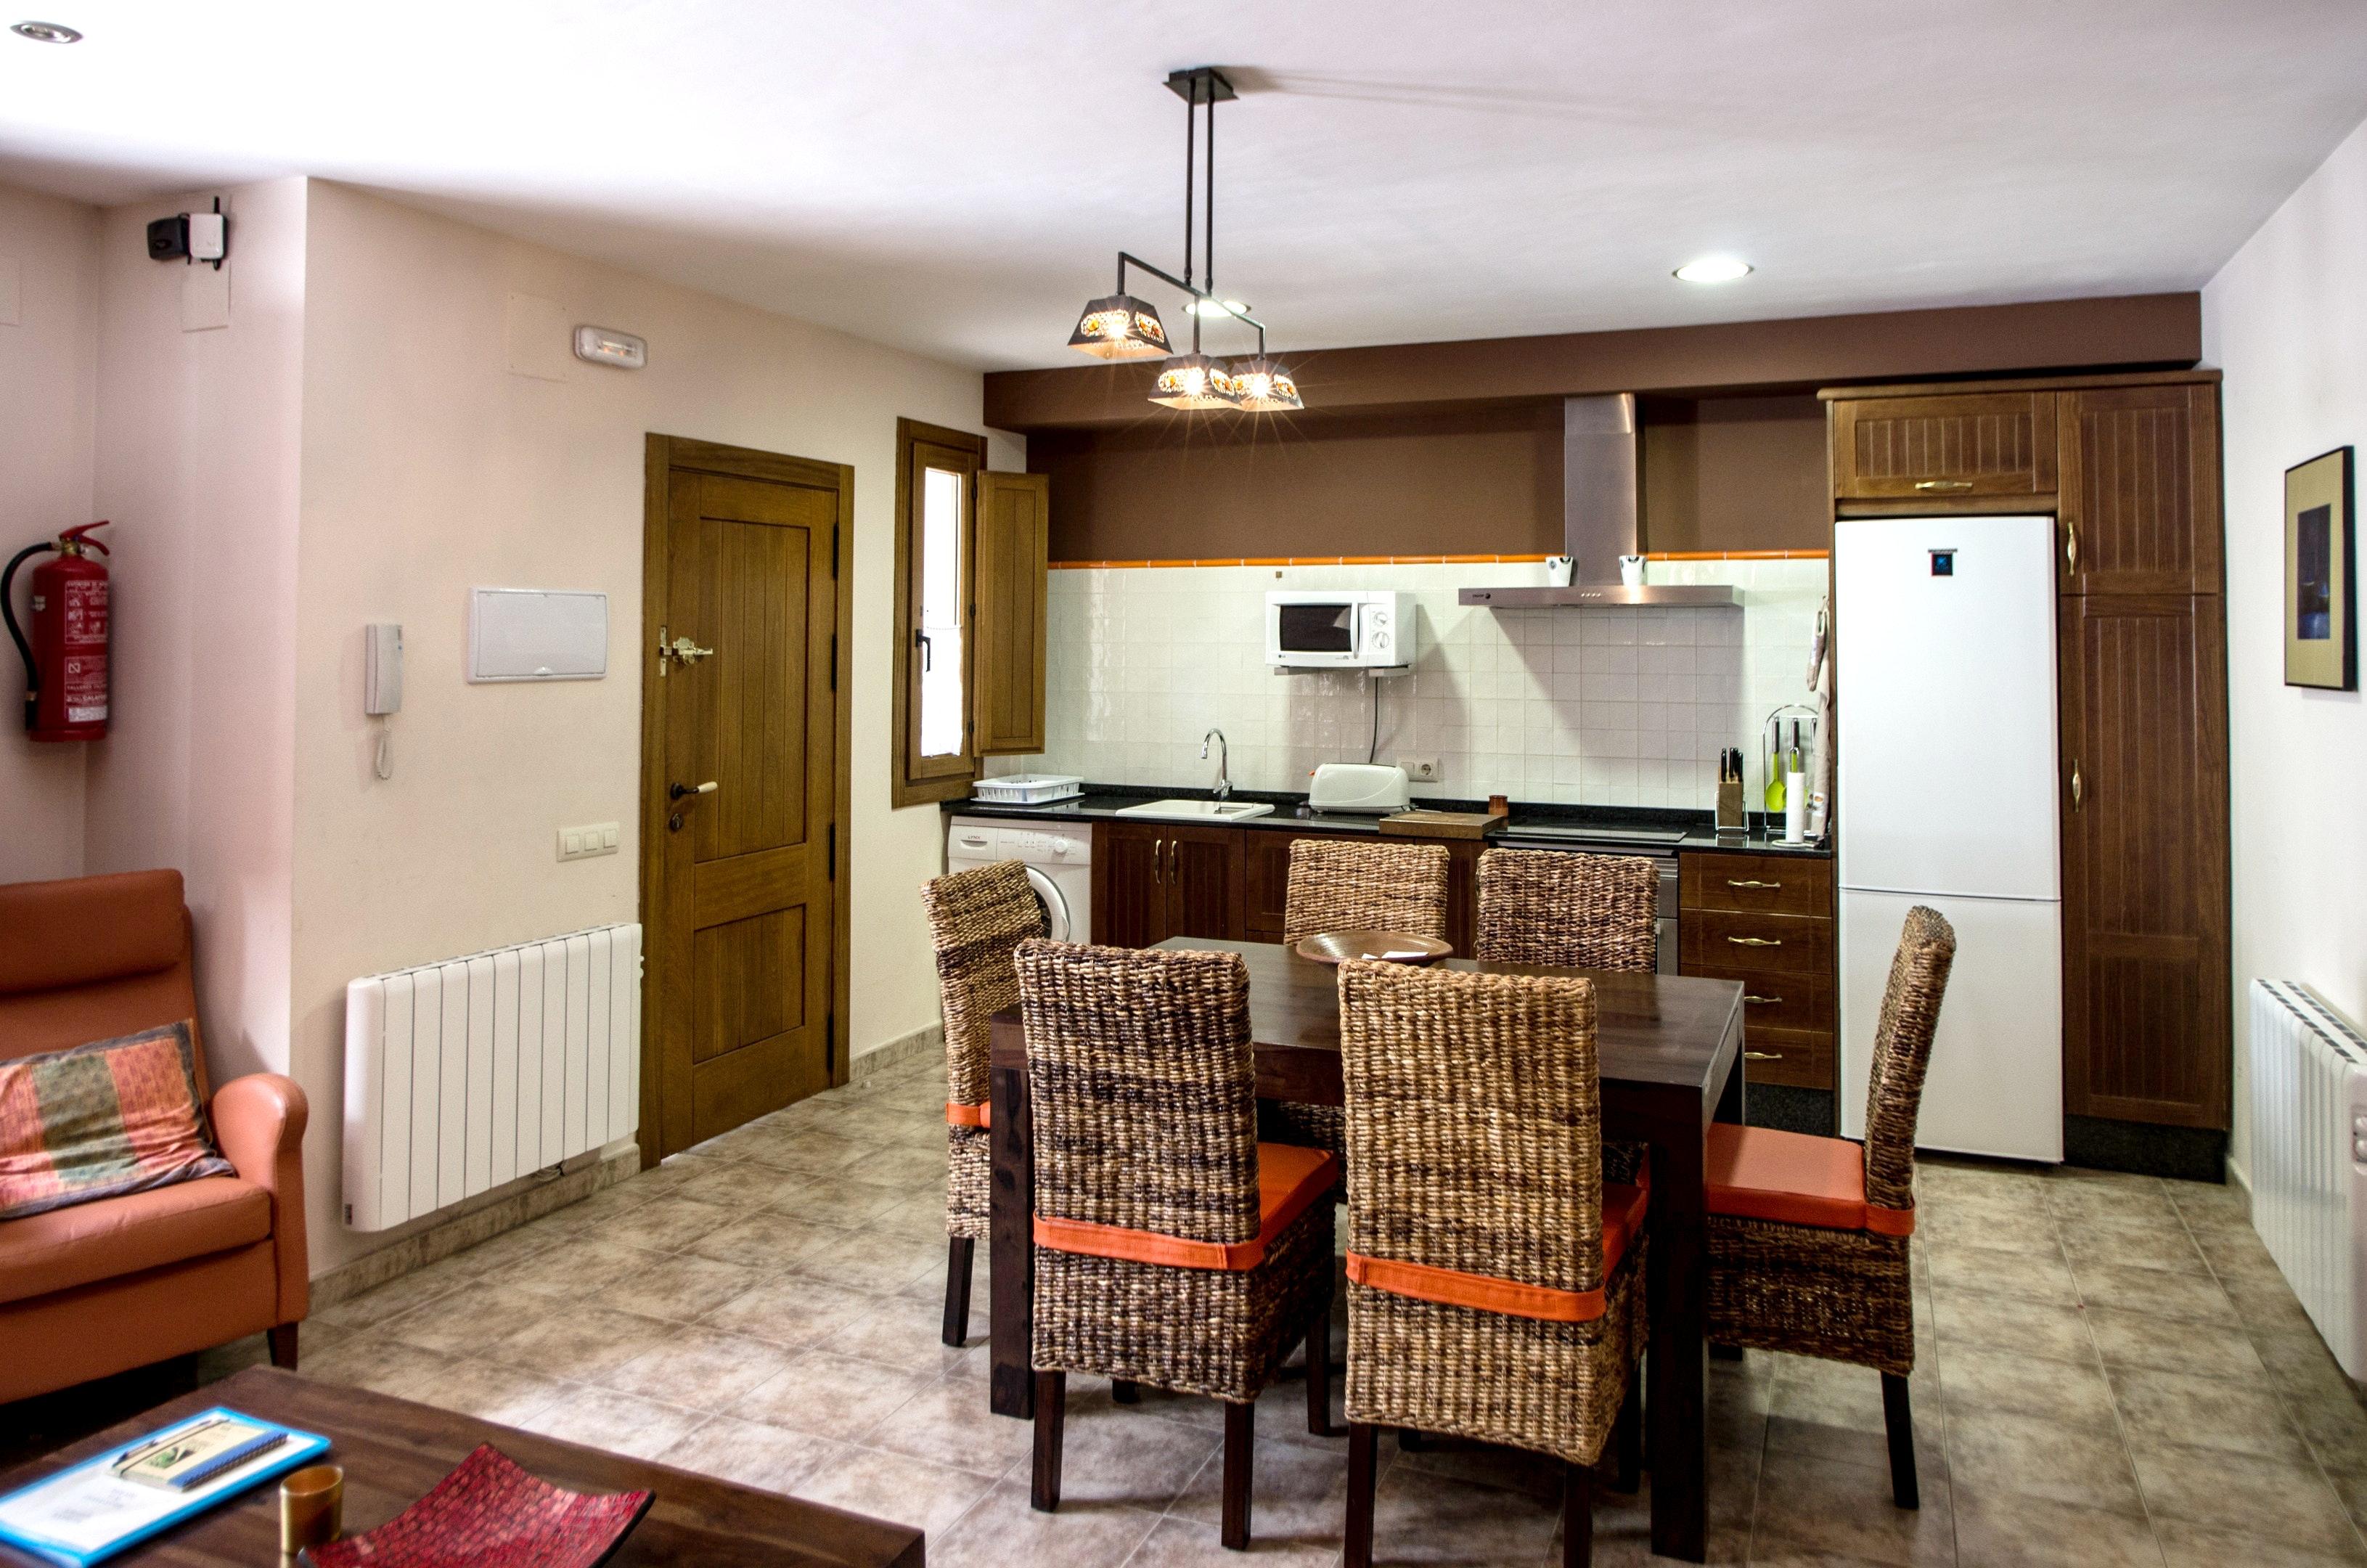 Ferienhaus Haus mit 3 Schlafzimmern in Talayuelas mit toller Aussicht auf die Berge, möblierter Terra (2202603), Talayuelas, Cuenca, Kastilien-La Mancha, Spanien, Bild 8